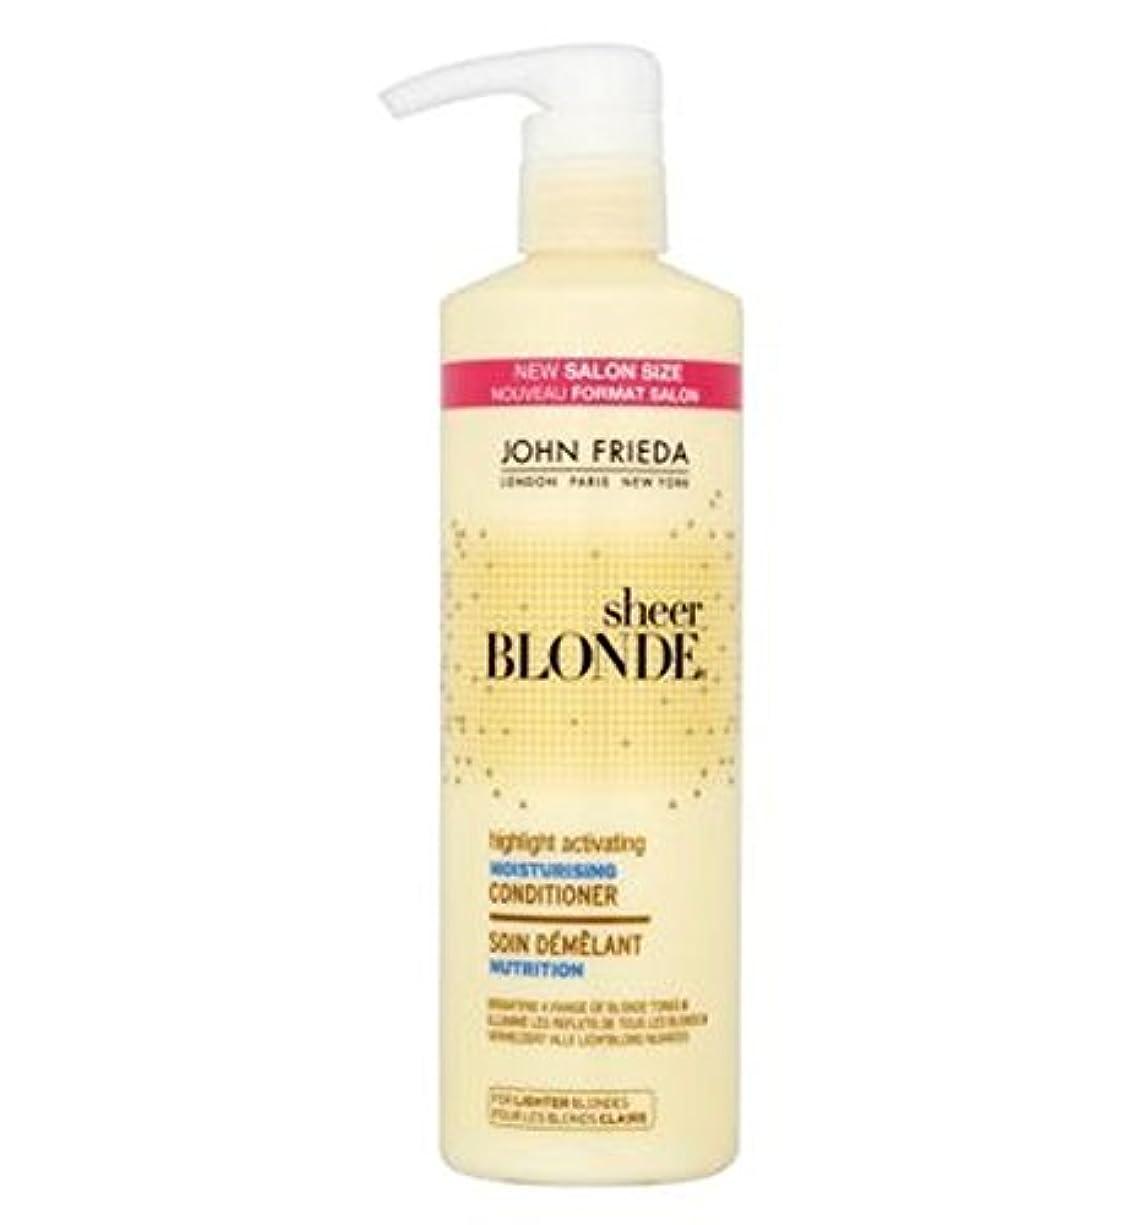 したがって打ち上げるスカリーJohn Frieda Sheer Blonde Highlight Activating Moisturising Conditioner 500ml - ジョン?フリーダ薄手のブロンドのハイライト活性化保湿コンディショナー...